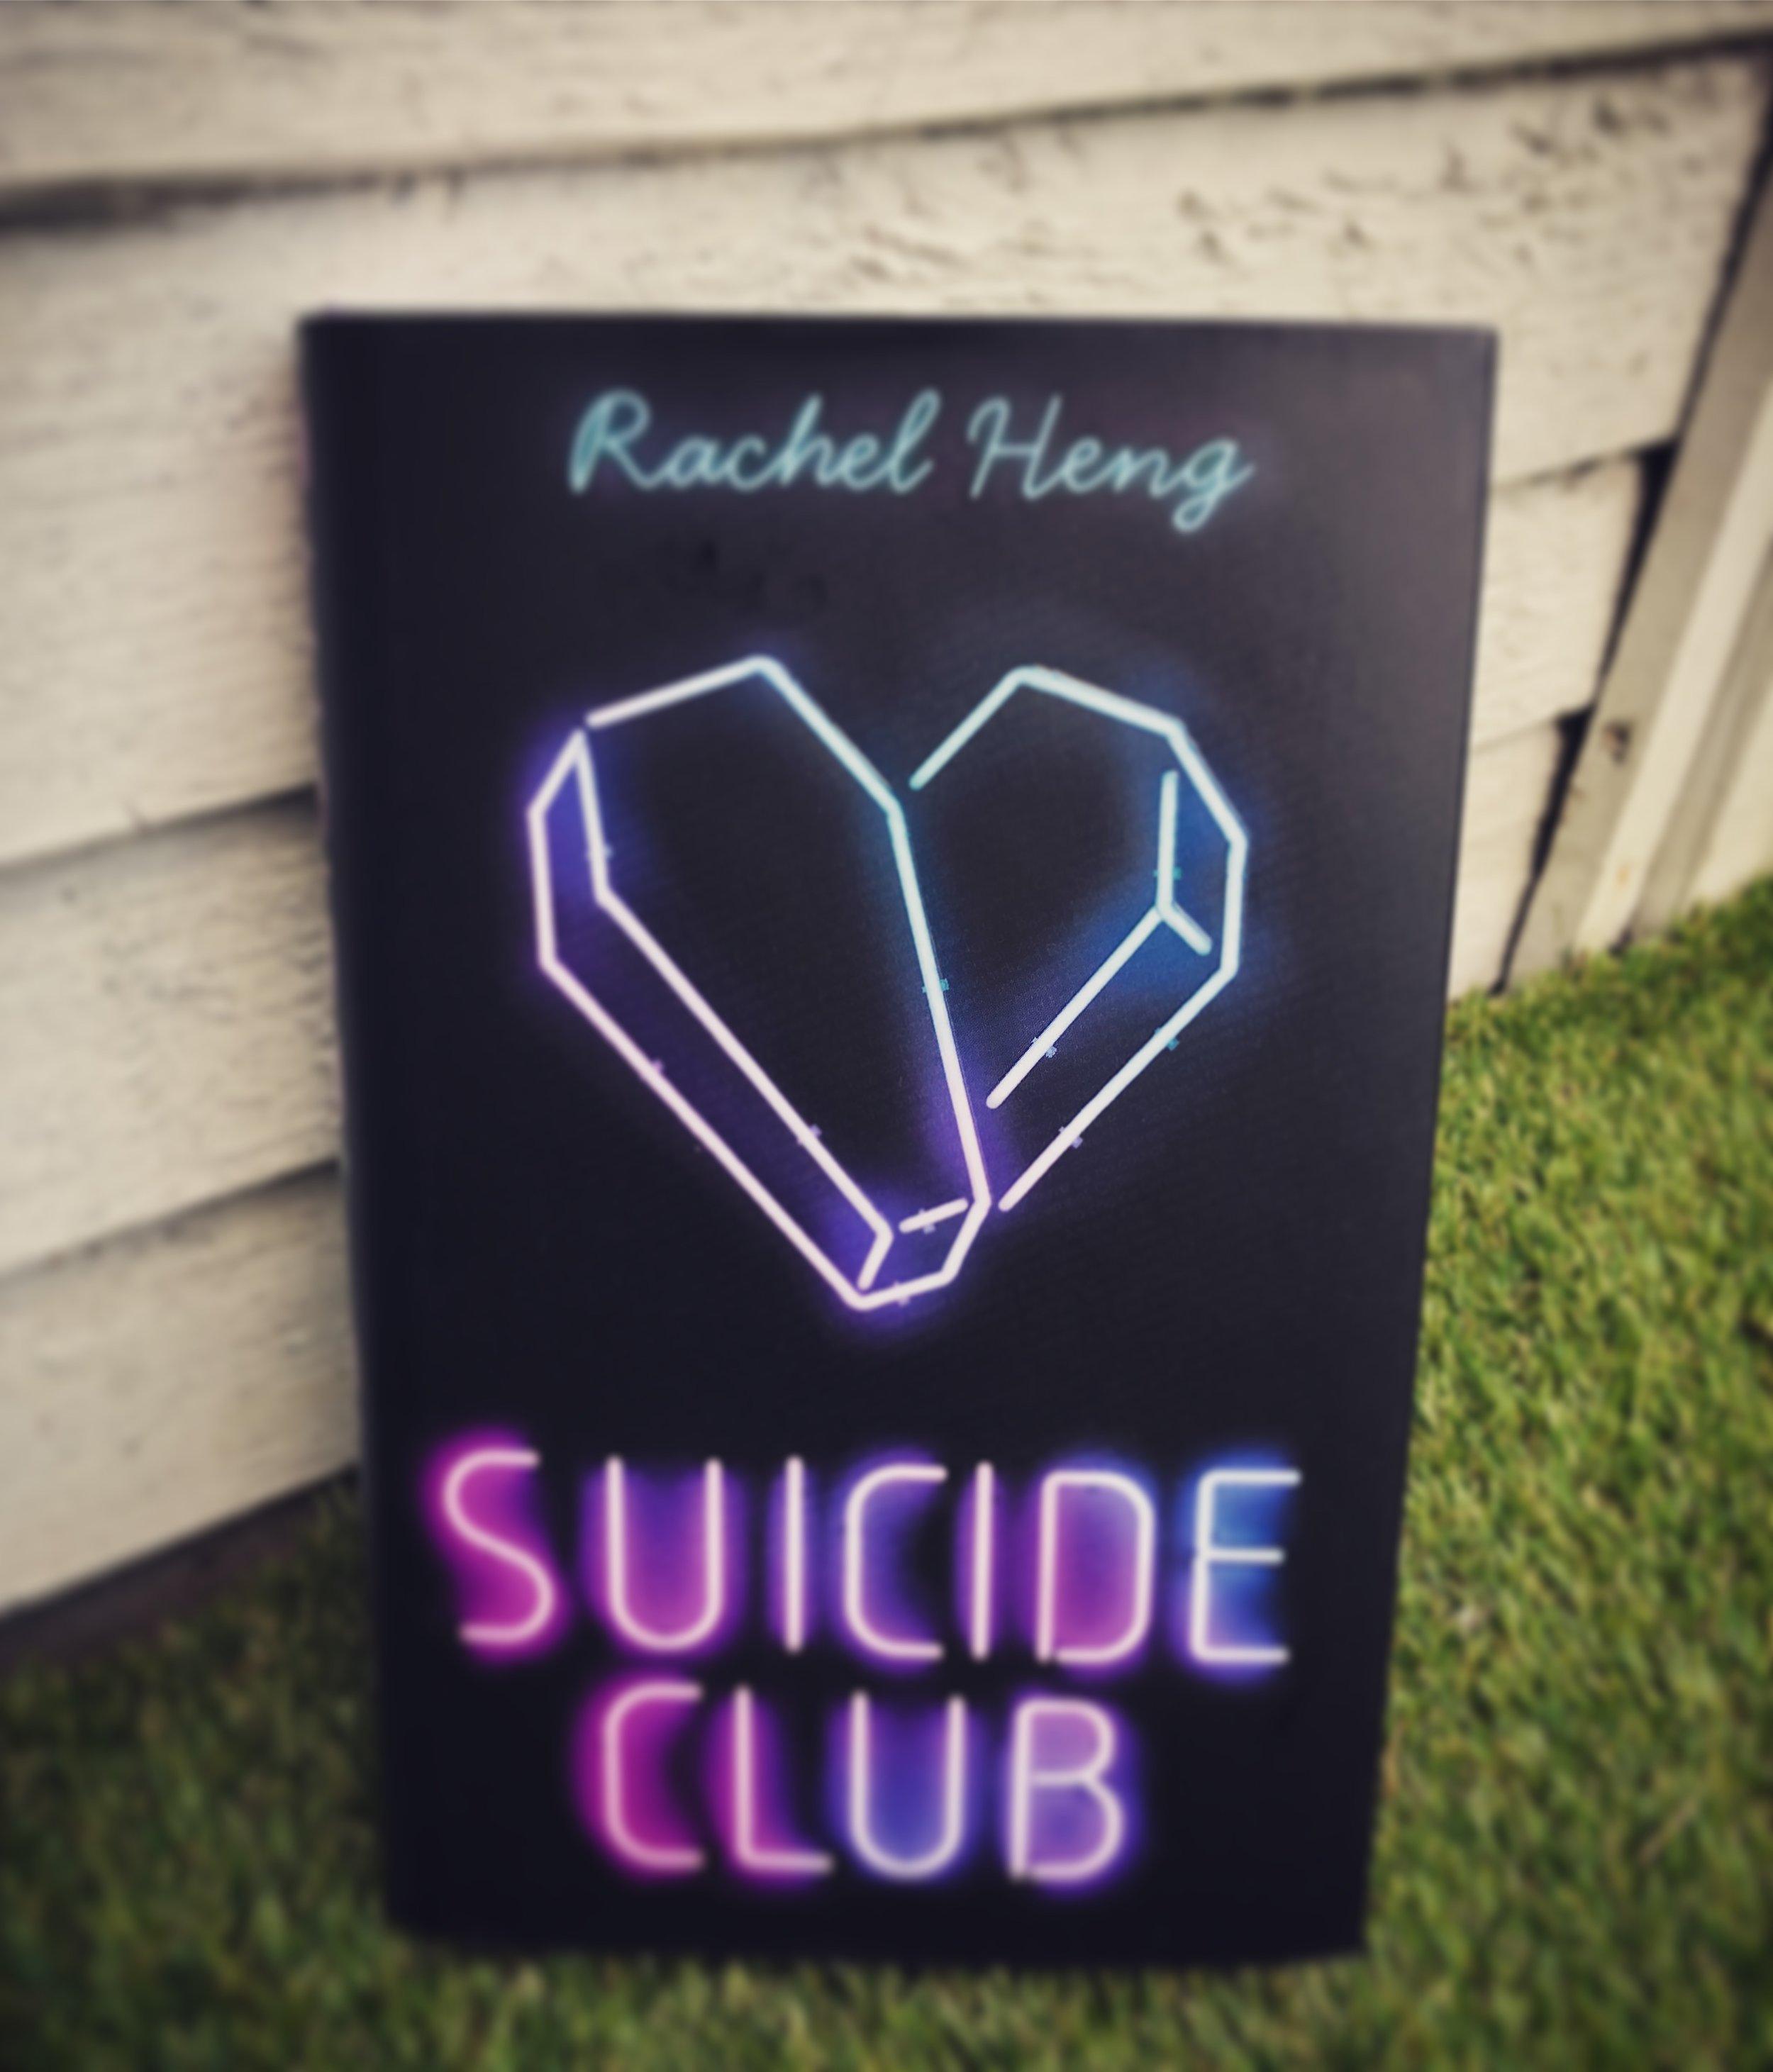 SUICIDE CLUB: RACHEL HENG